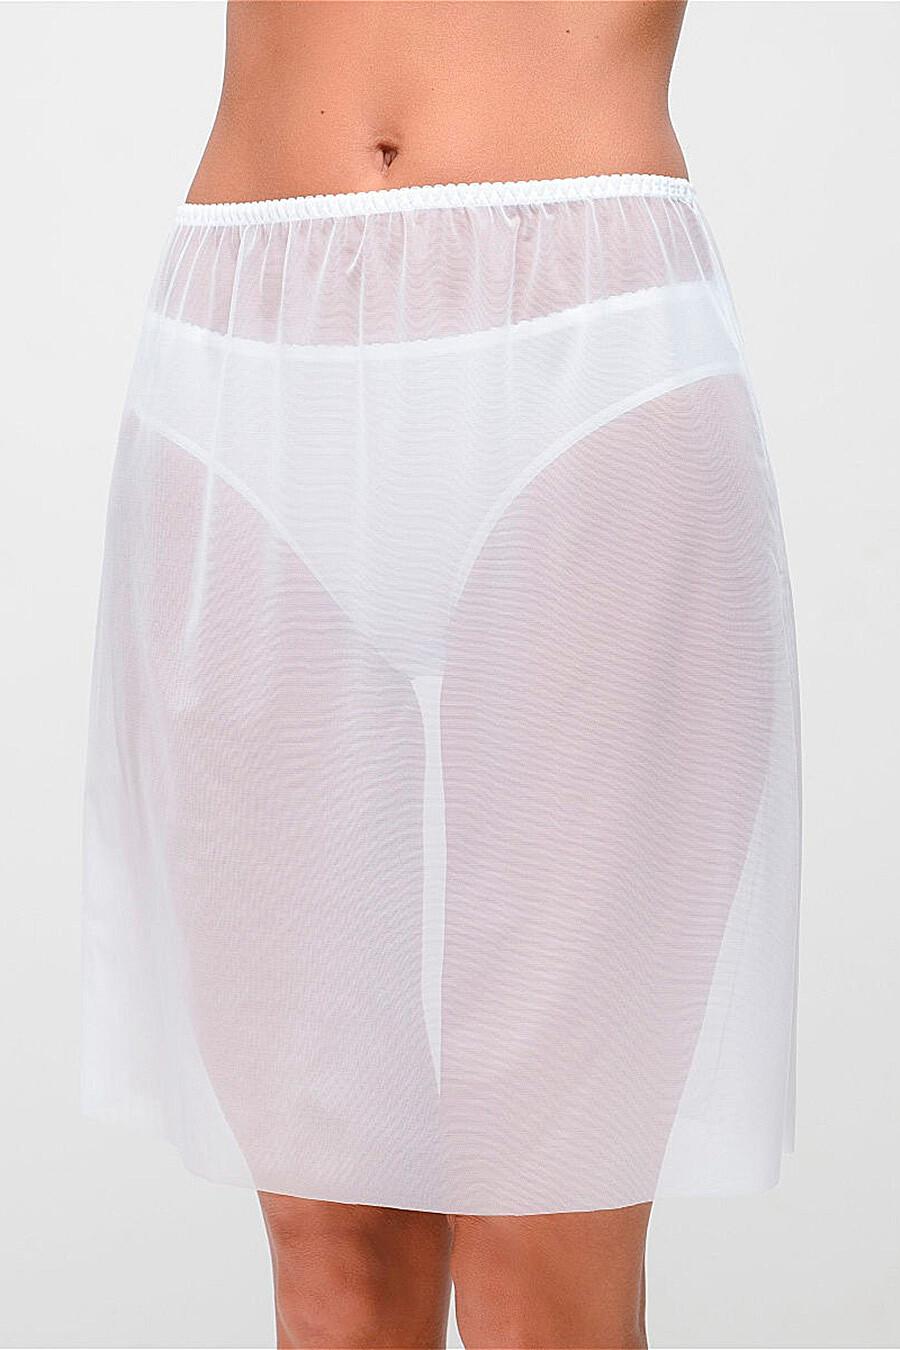 Подъюбник для женщин MILADY 247666 купить оптом от производителя. Совместная покупка женской одежды в OptMoyo